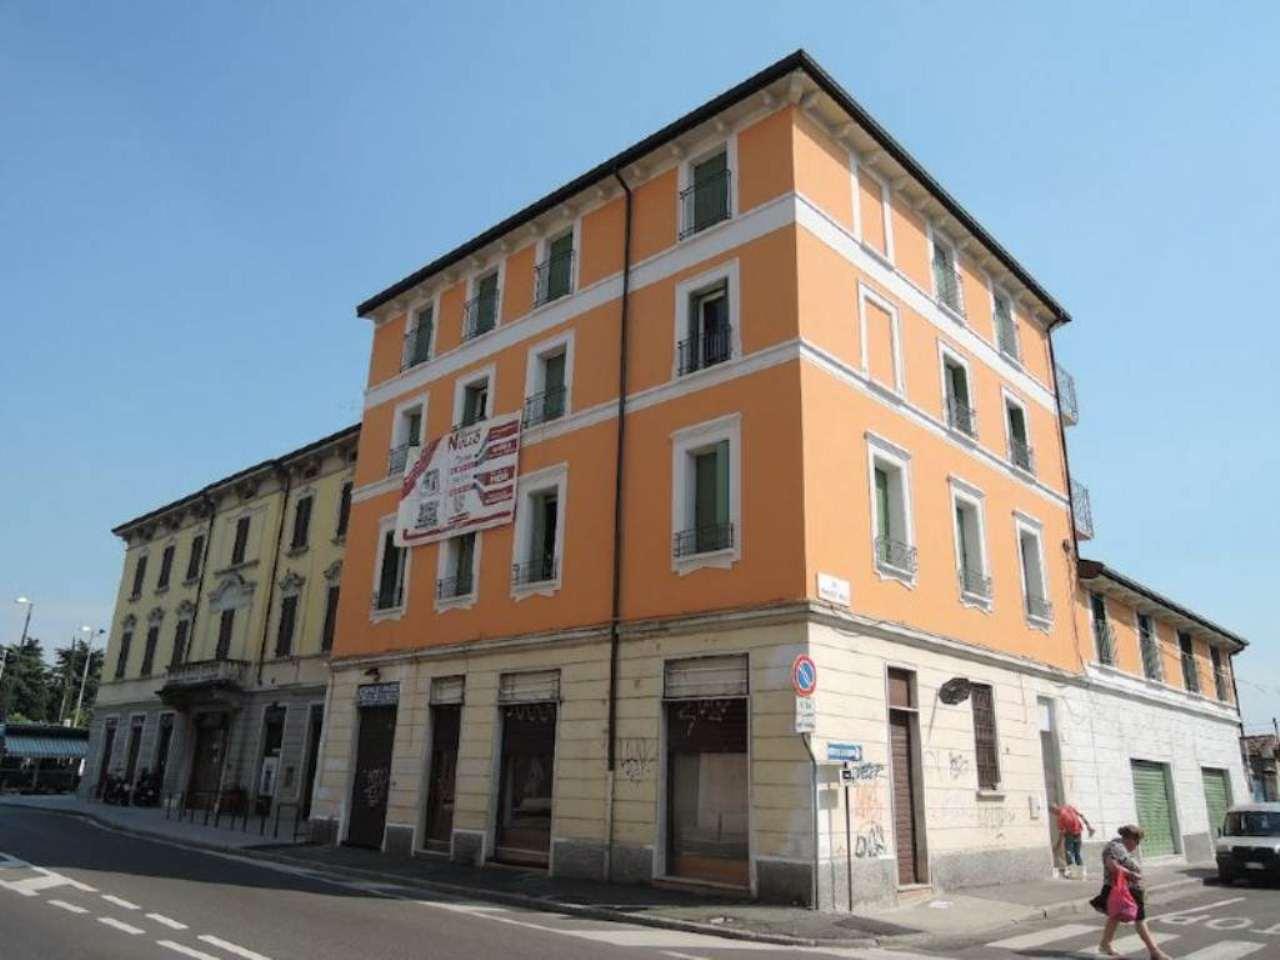 Negozio / Locale in vendita a Brescia, 2 locali, prezzo € 100.000   Cambio Casa.it